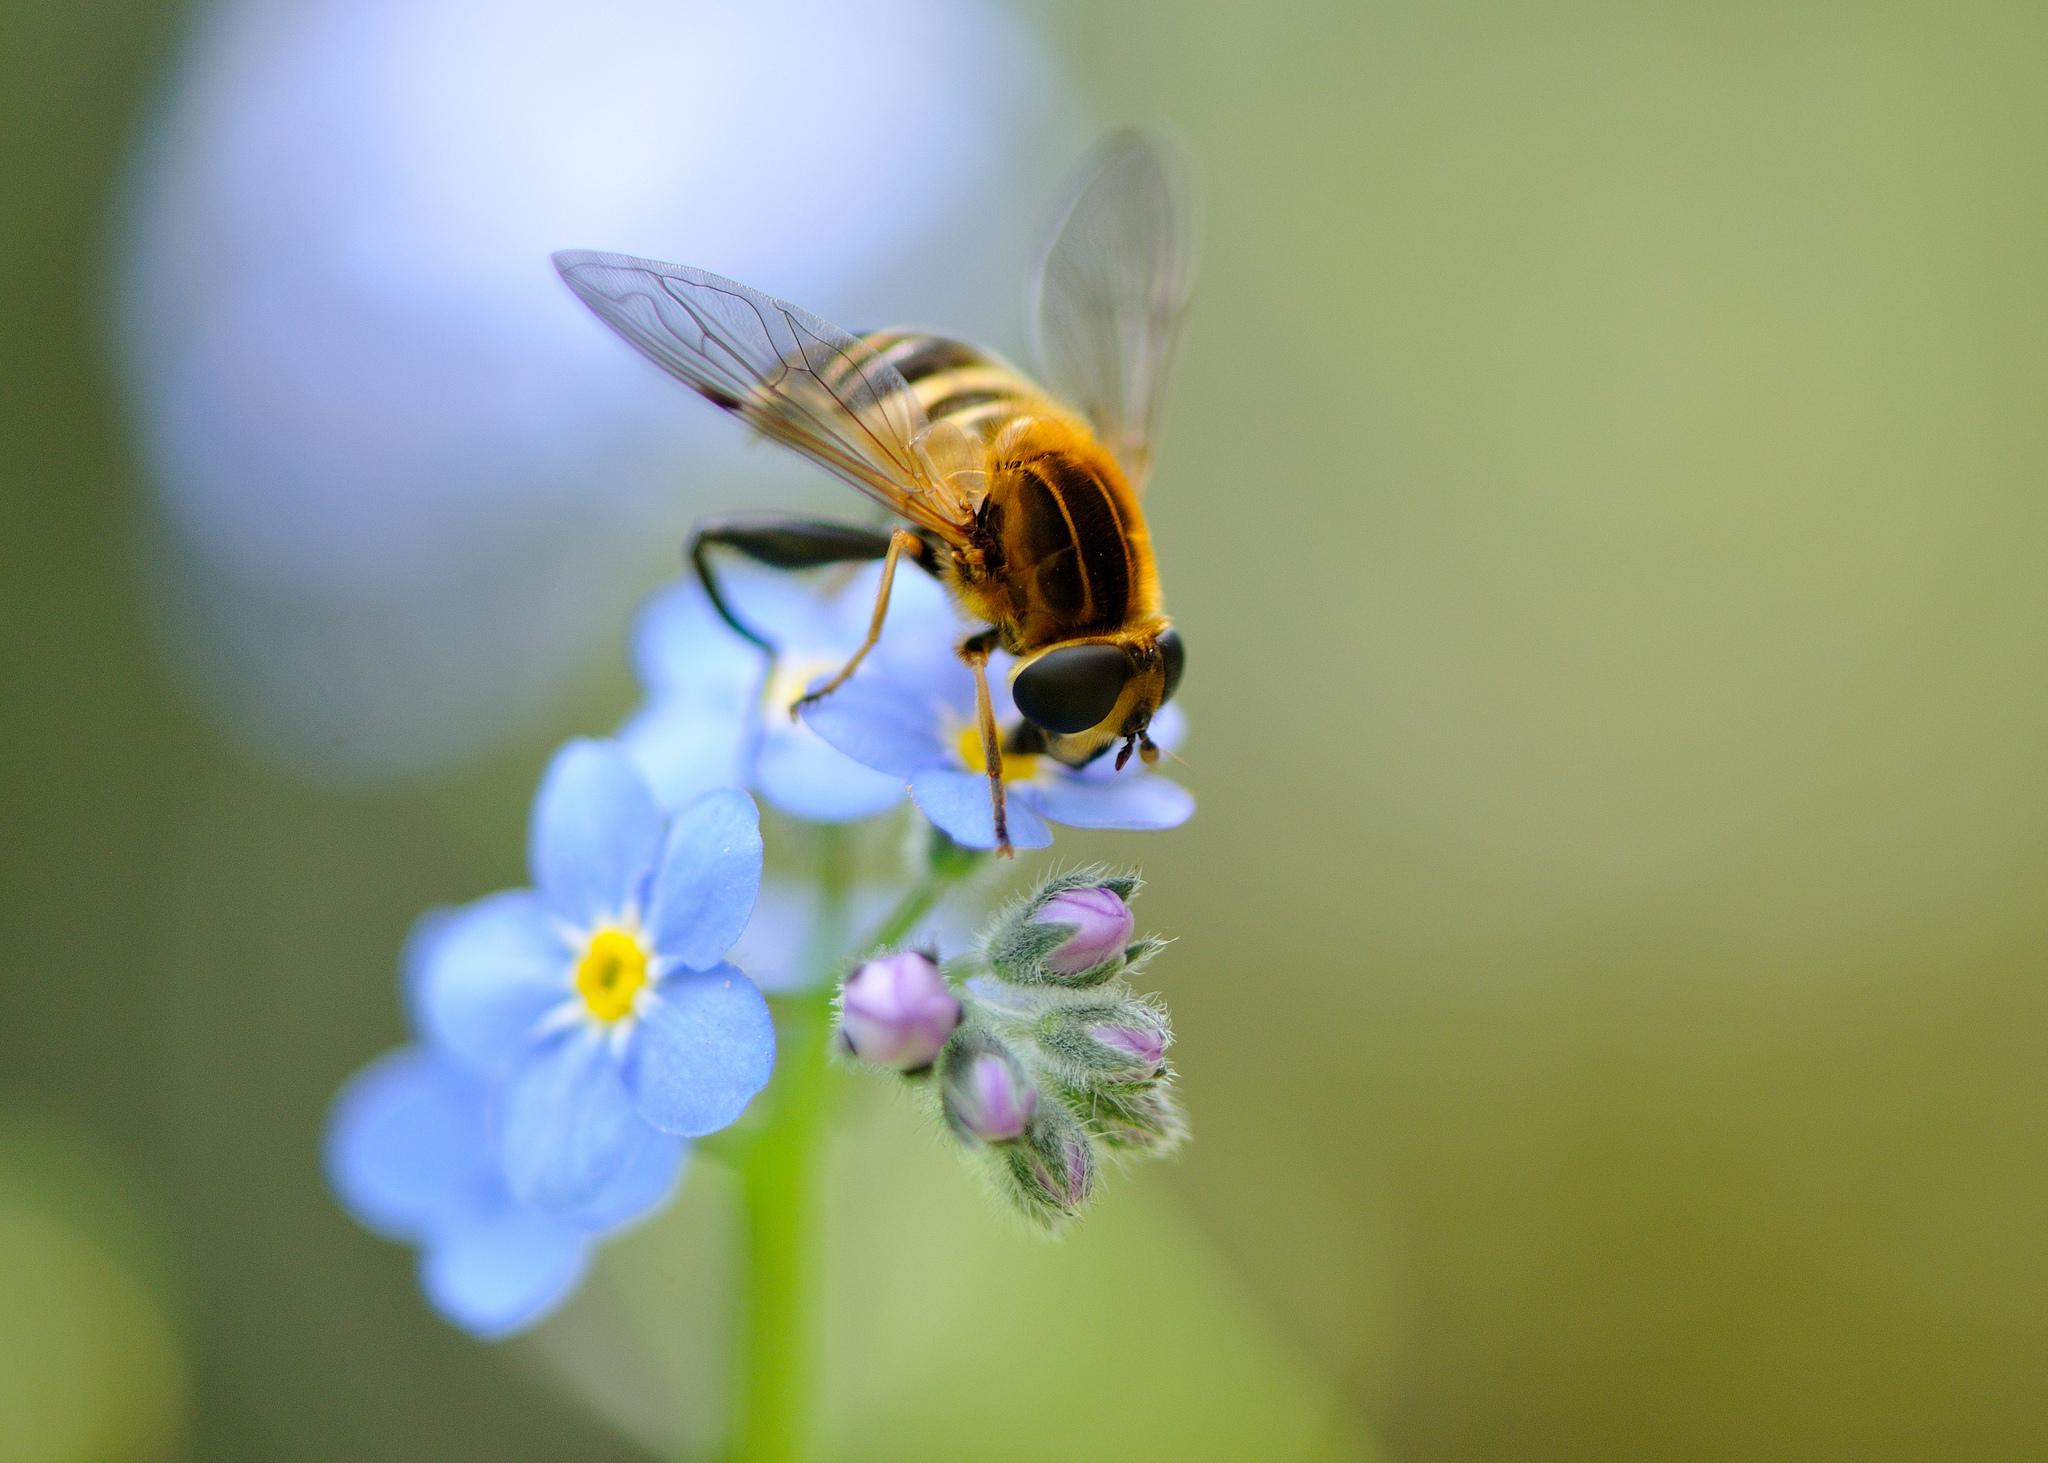 макро одуванчик животное насекомое пчела цветы природа без смс